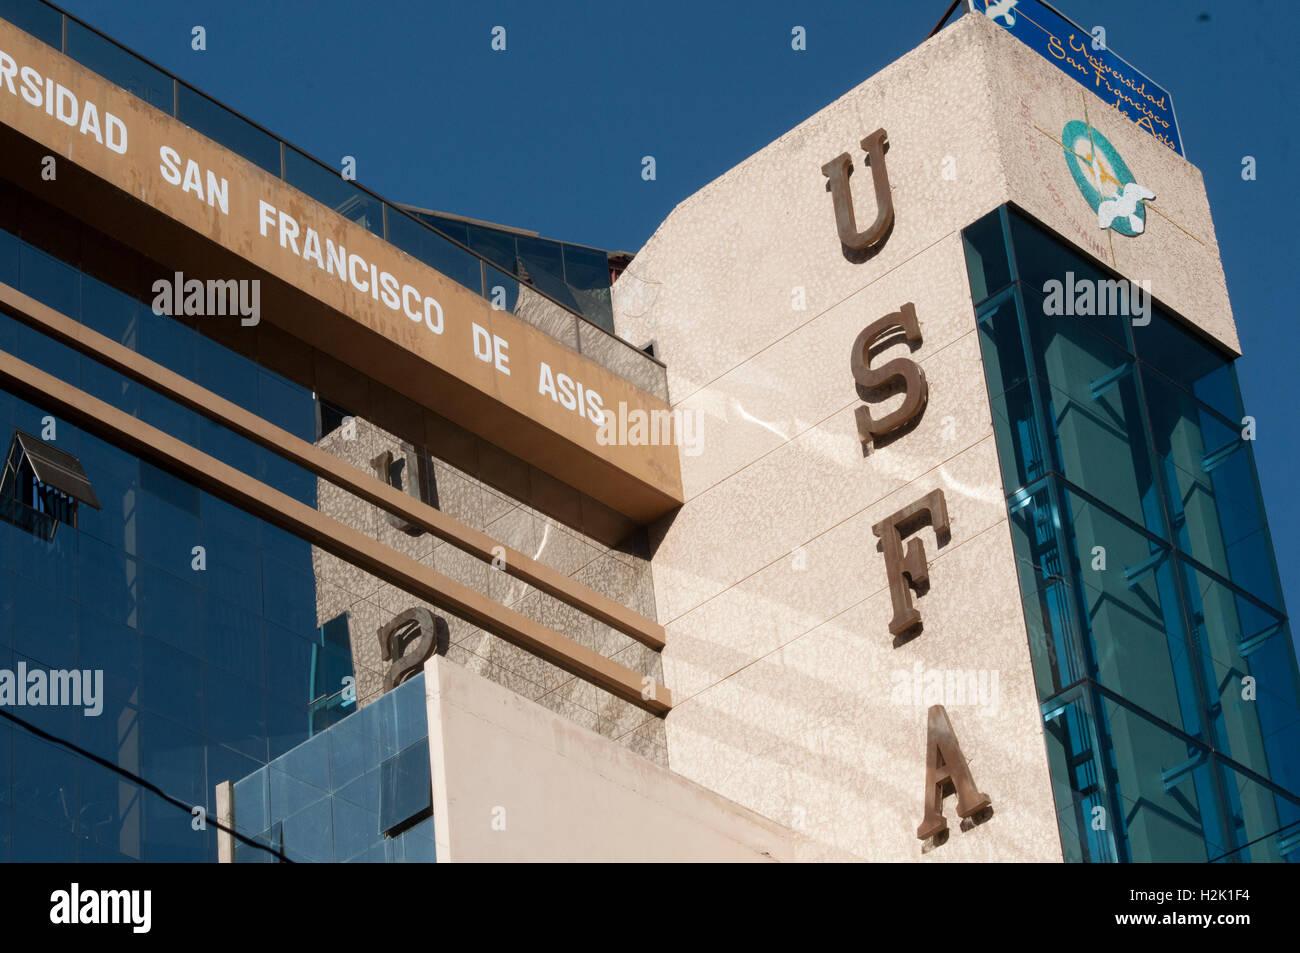 Universidad San Francisco de Asis, Sopocachi, La Paz - Stock Image